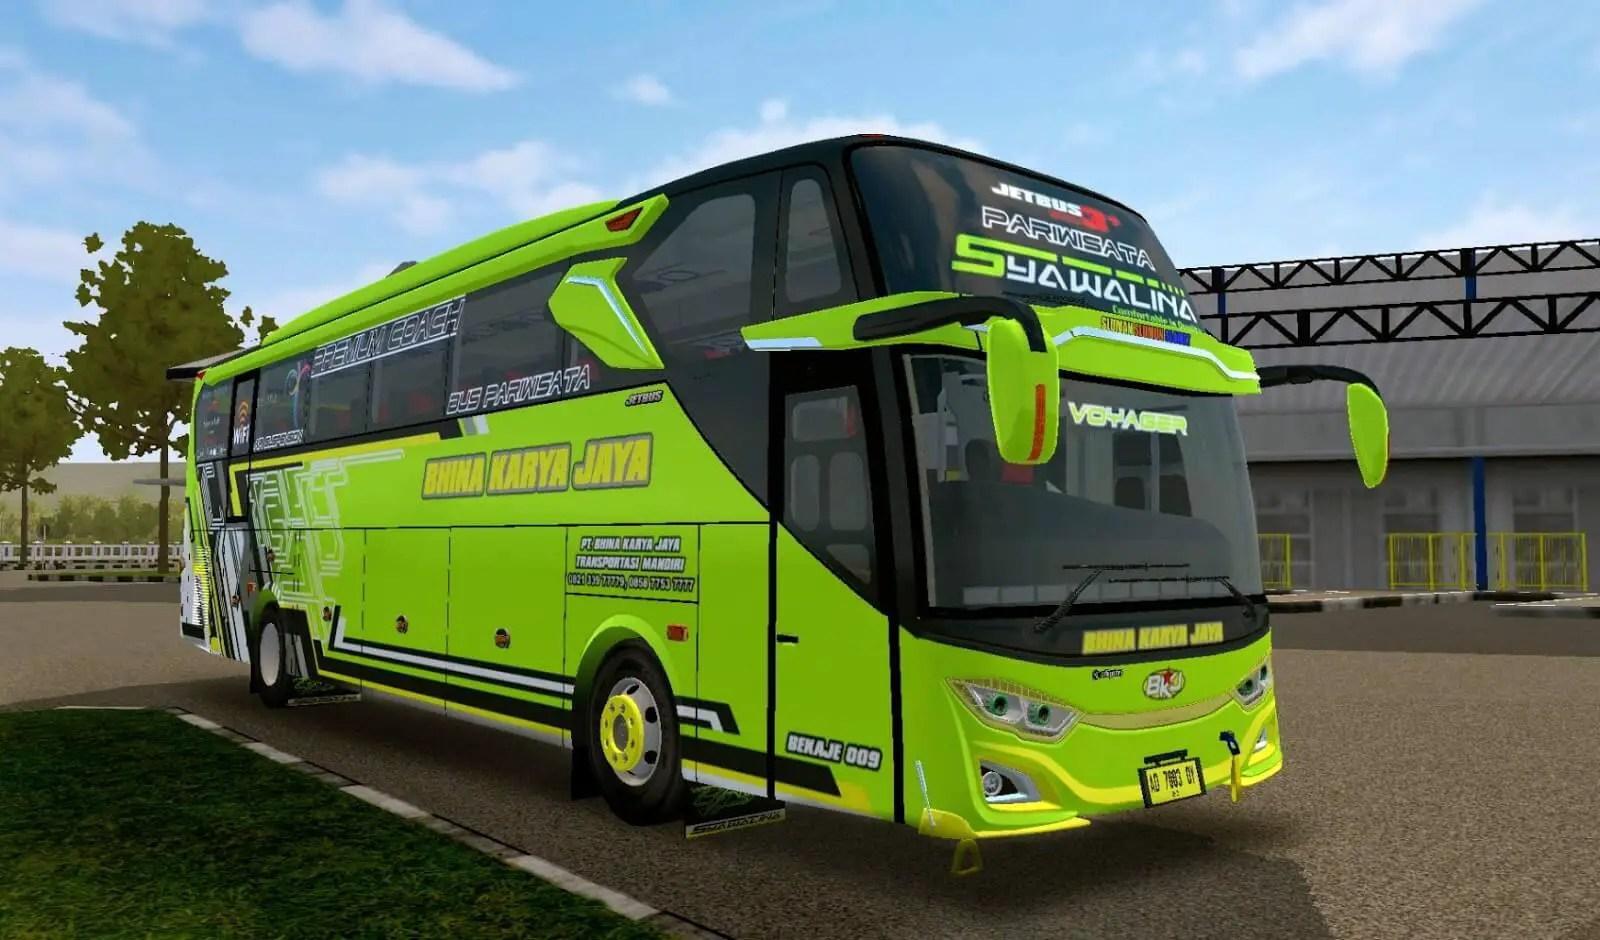 Jetbus 3+ Voyager Angga Saputro, Jetbus 3+ Voyager Mod BUSSID, Mod Jetbus 3+ Voyager BUSSID, BUSSID Mod Jetbus 3+ Voyager, BUSSID Bus Mod